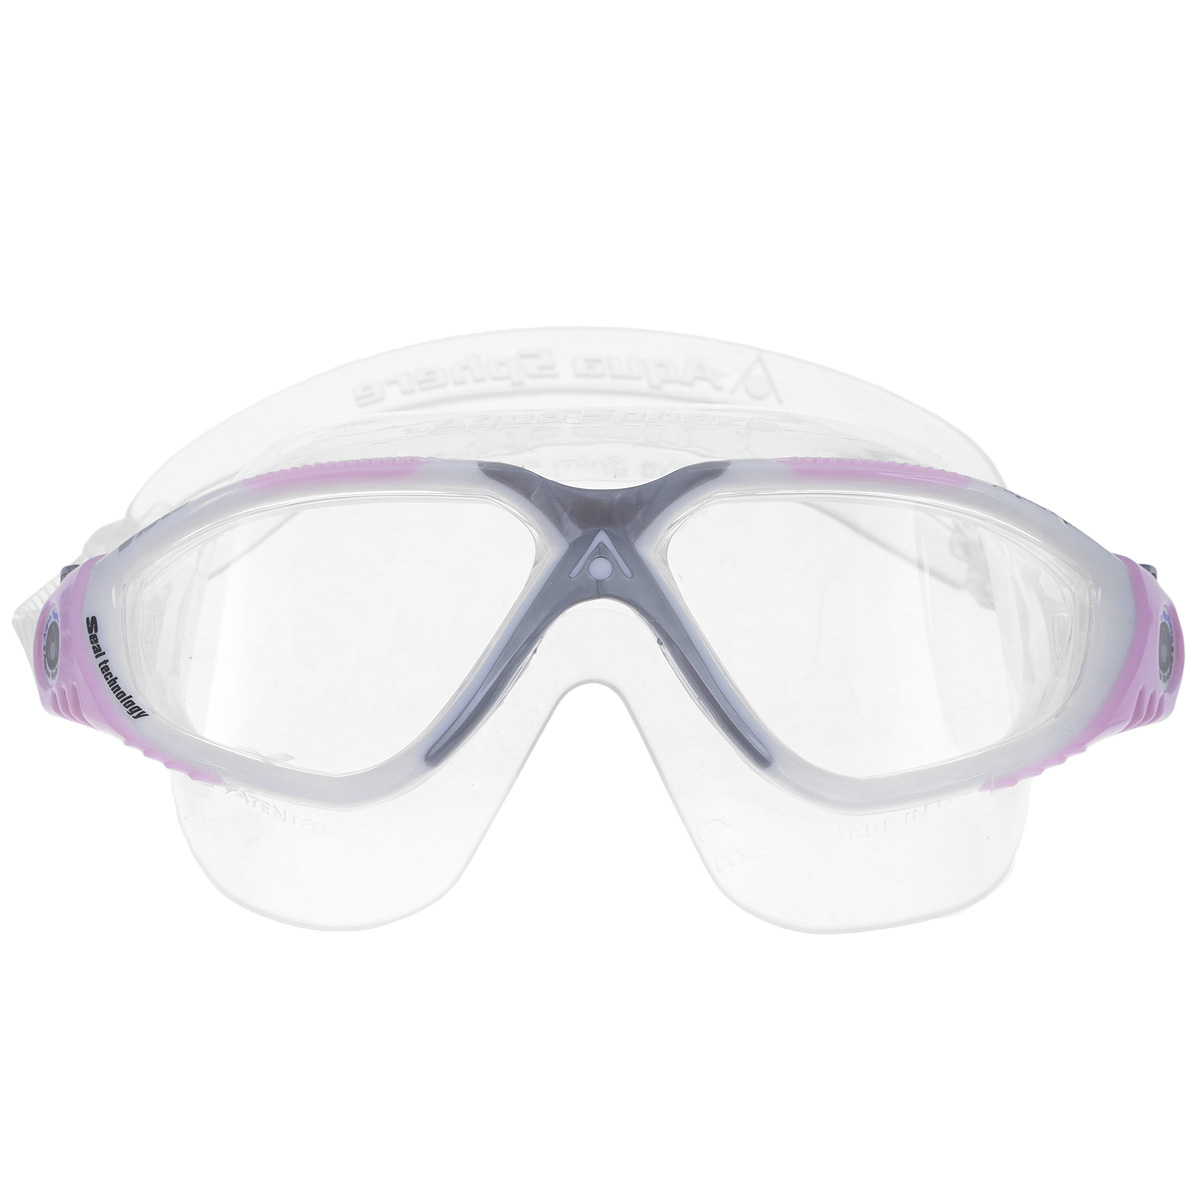 Очки для плавания Aqua Sphere Vista Lady, цвет: белый, розовый aqua sphere racing tube green прозрачный силикон